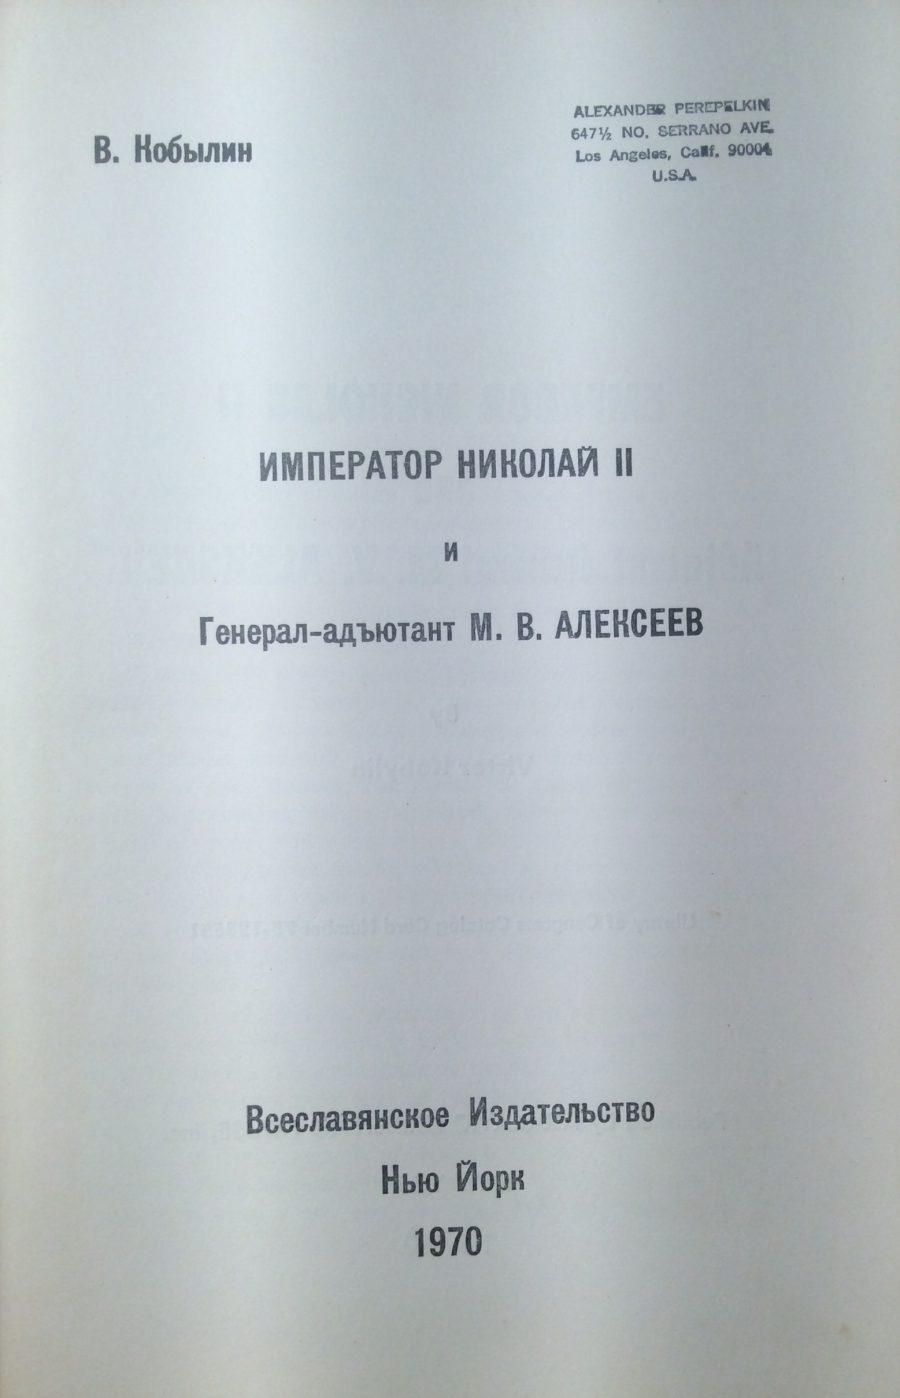 Кобылин В.С. Император Николай II и генерал-адъютант Алексеев М.В.